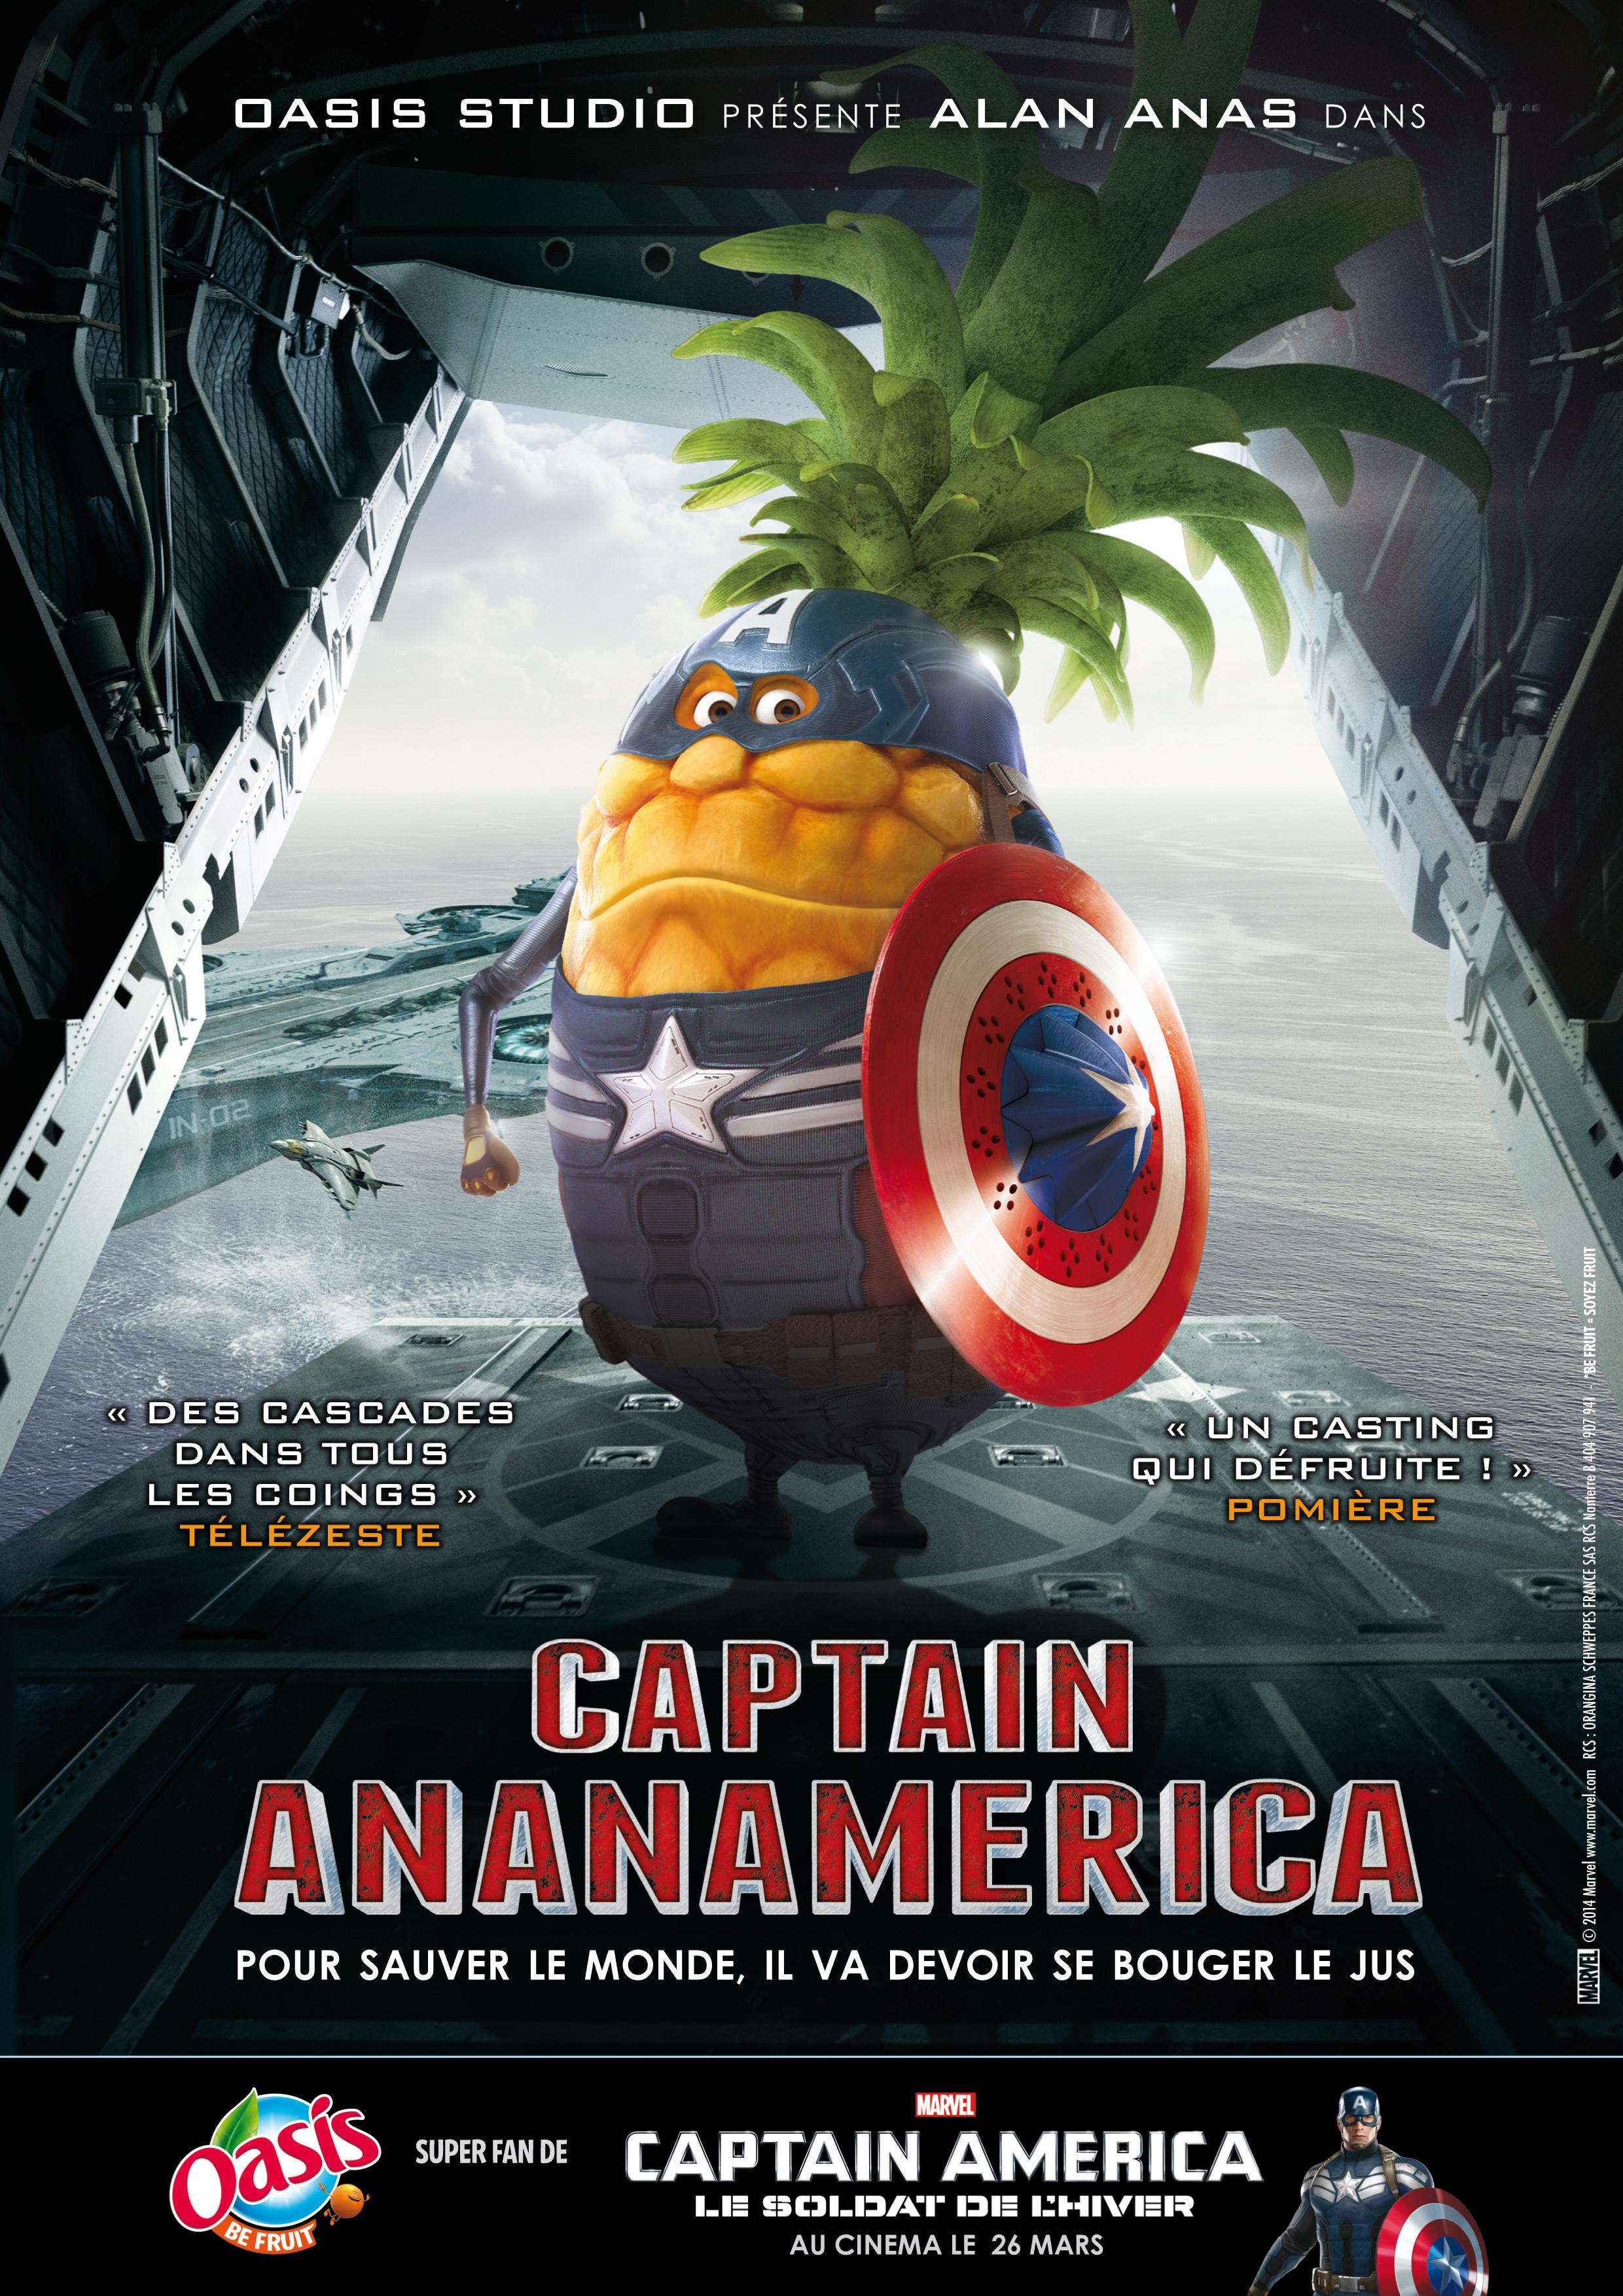 affiche captain ananamerica